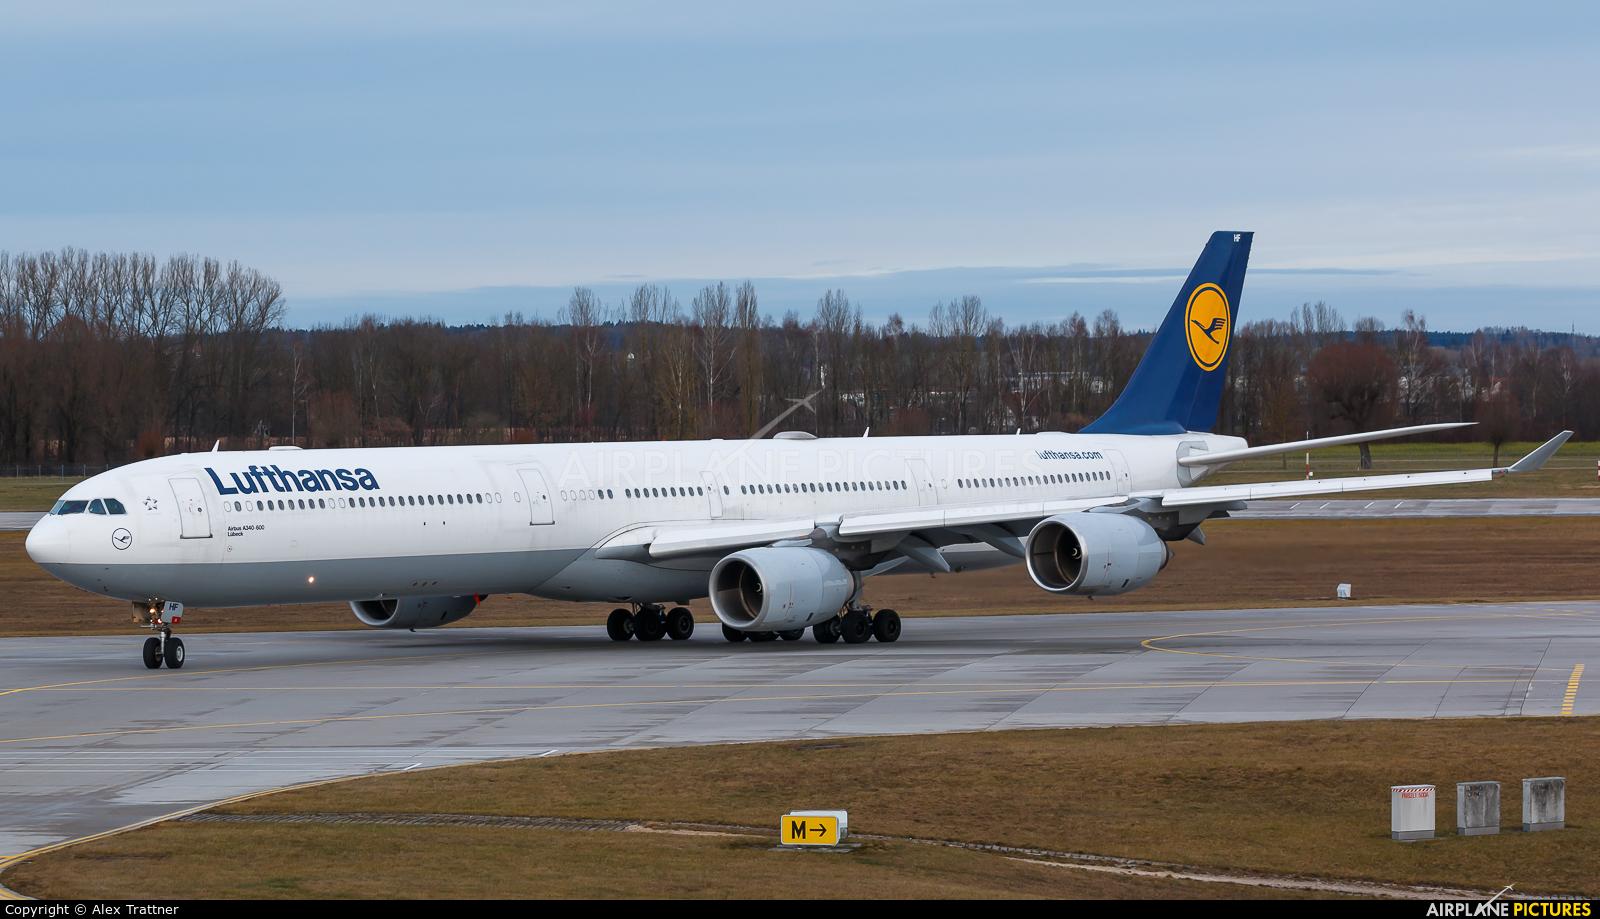 Lufthansa D-AIHF aircraft at Munich